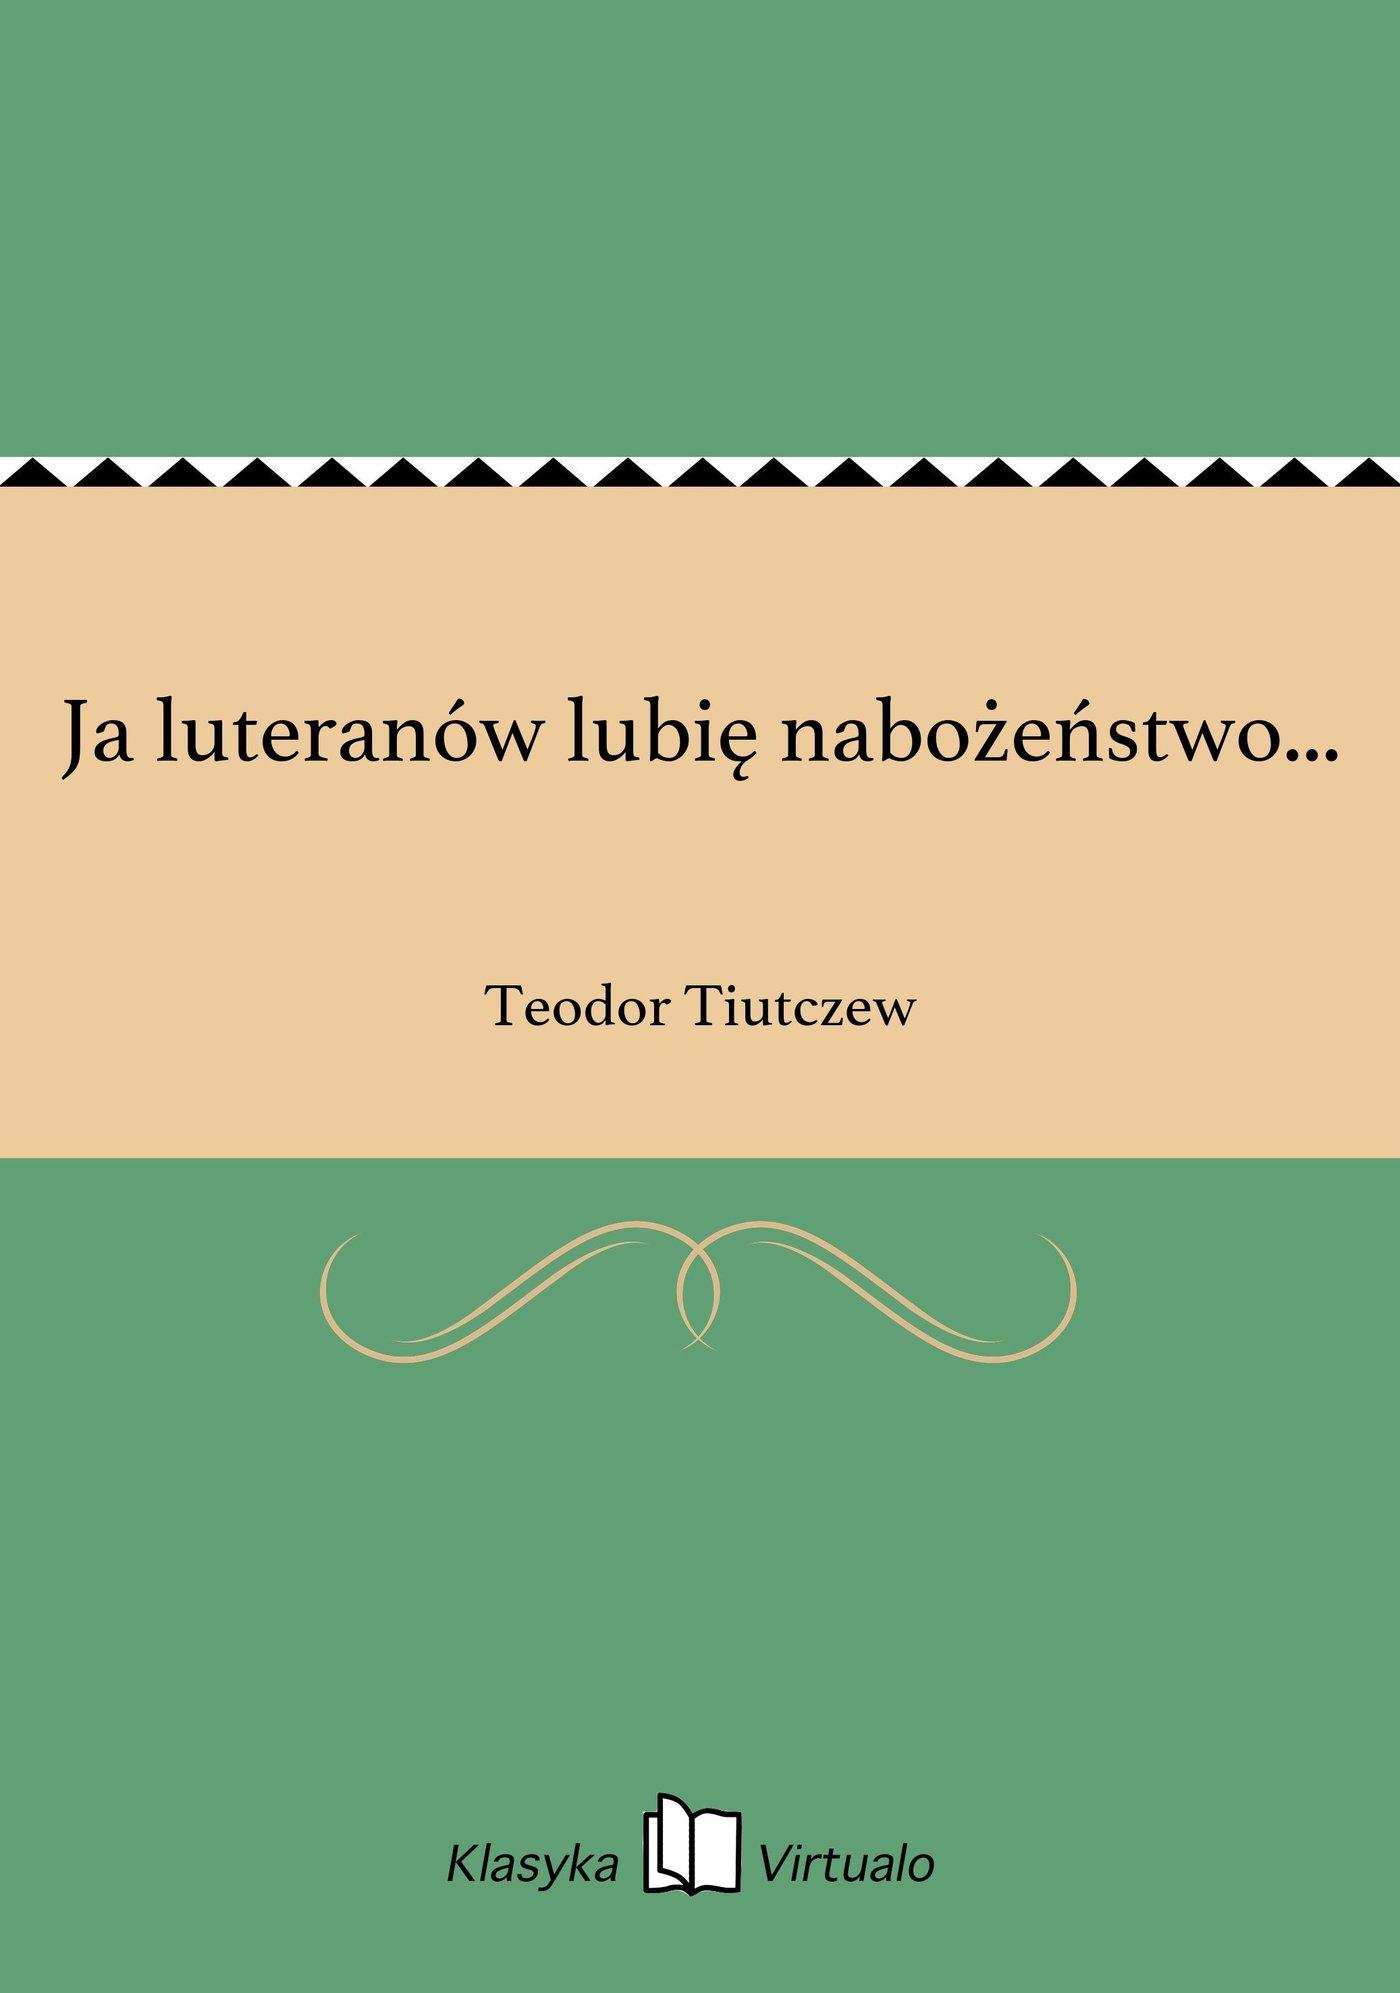 Ja luteranów lubię nabożeństwo... - Ebook (Książka EPUB) do pobrania w formacie EPUB